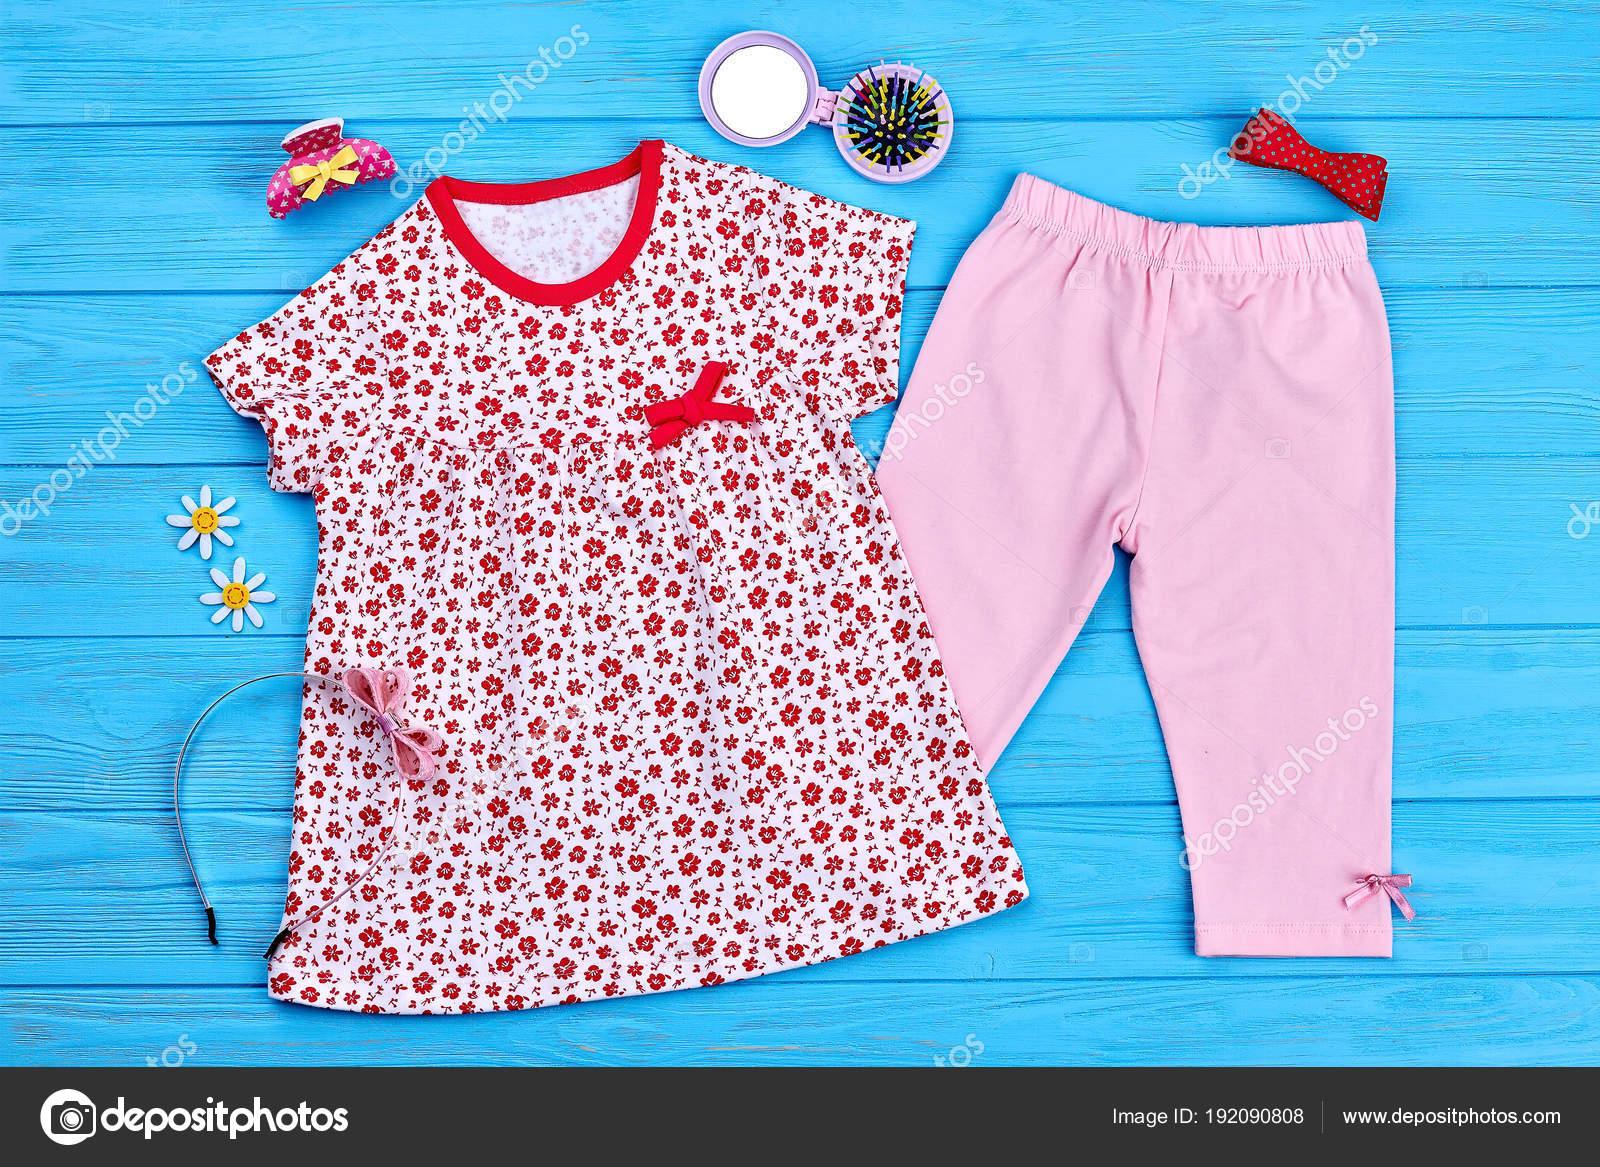 7cf862b0c Fondo: moda infantil | Fondo de moda infantil bebé verano — Foto de ...